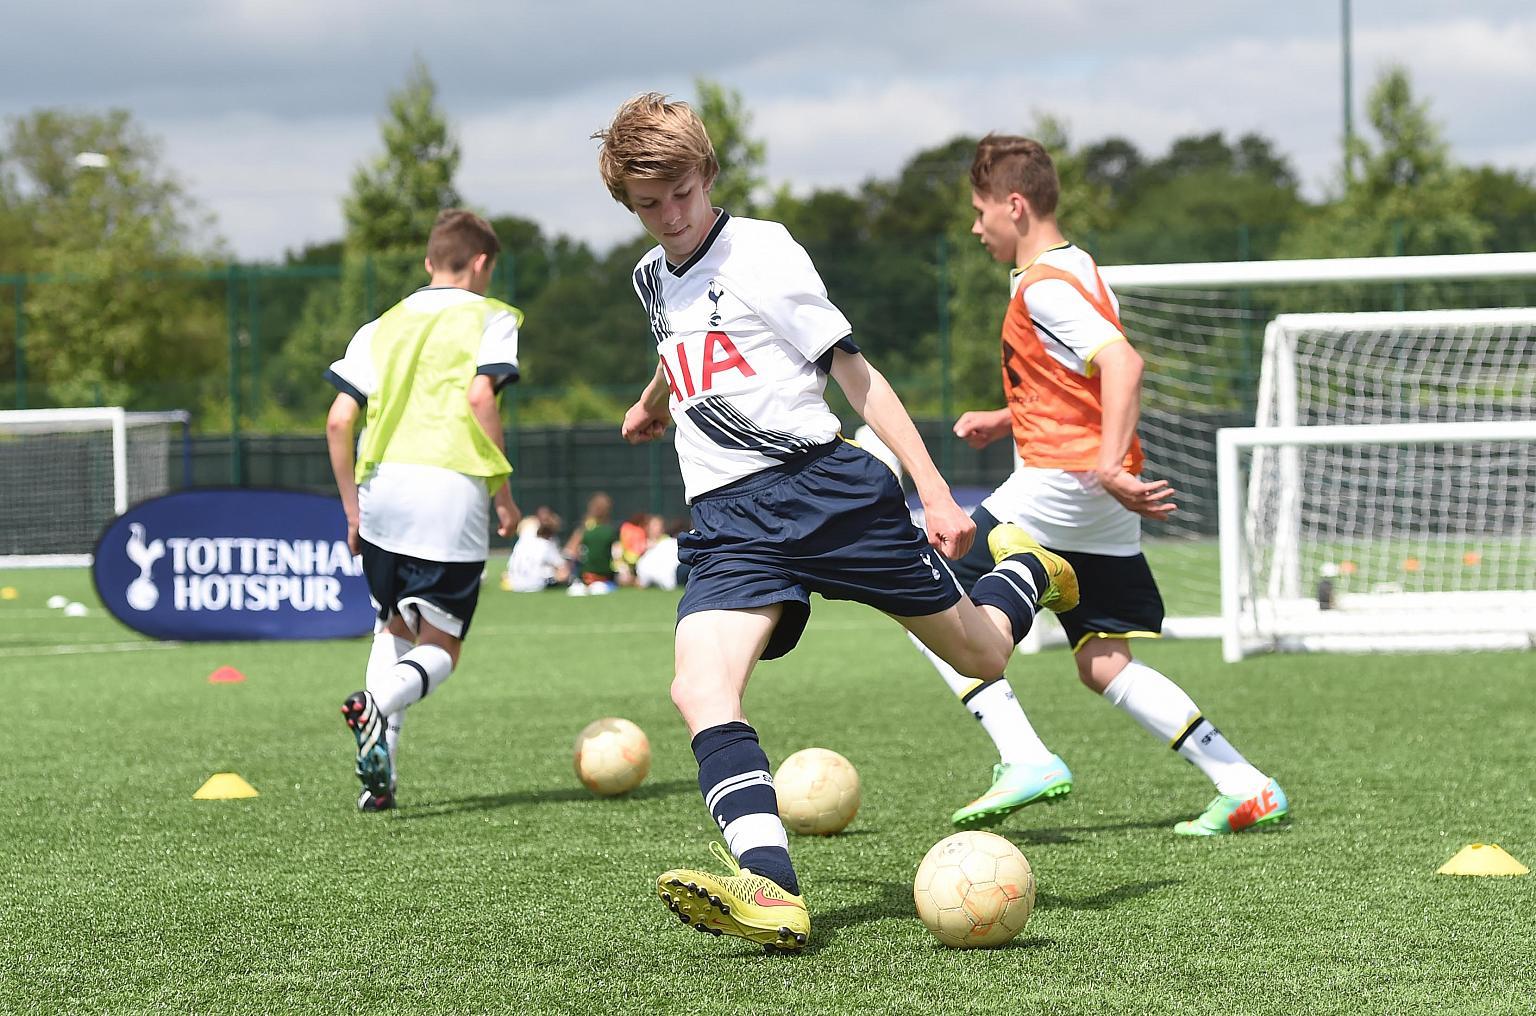 Футбольные лагеря для проффесионалов в англии